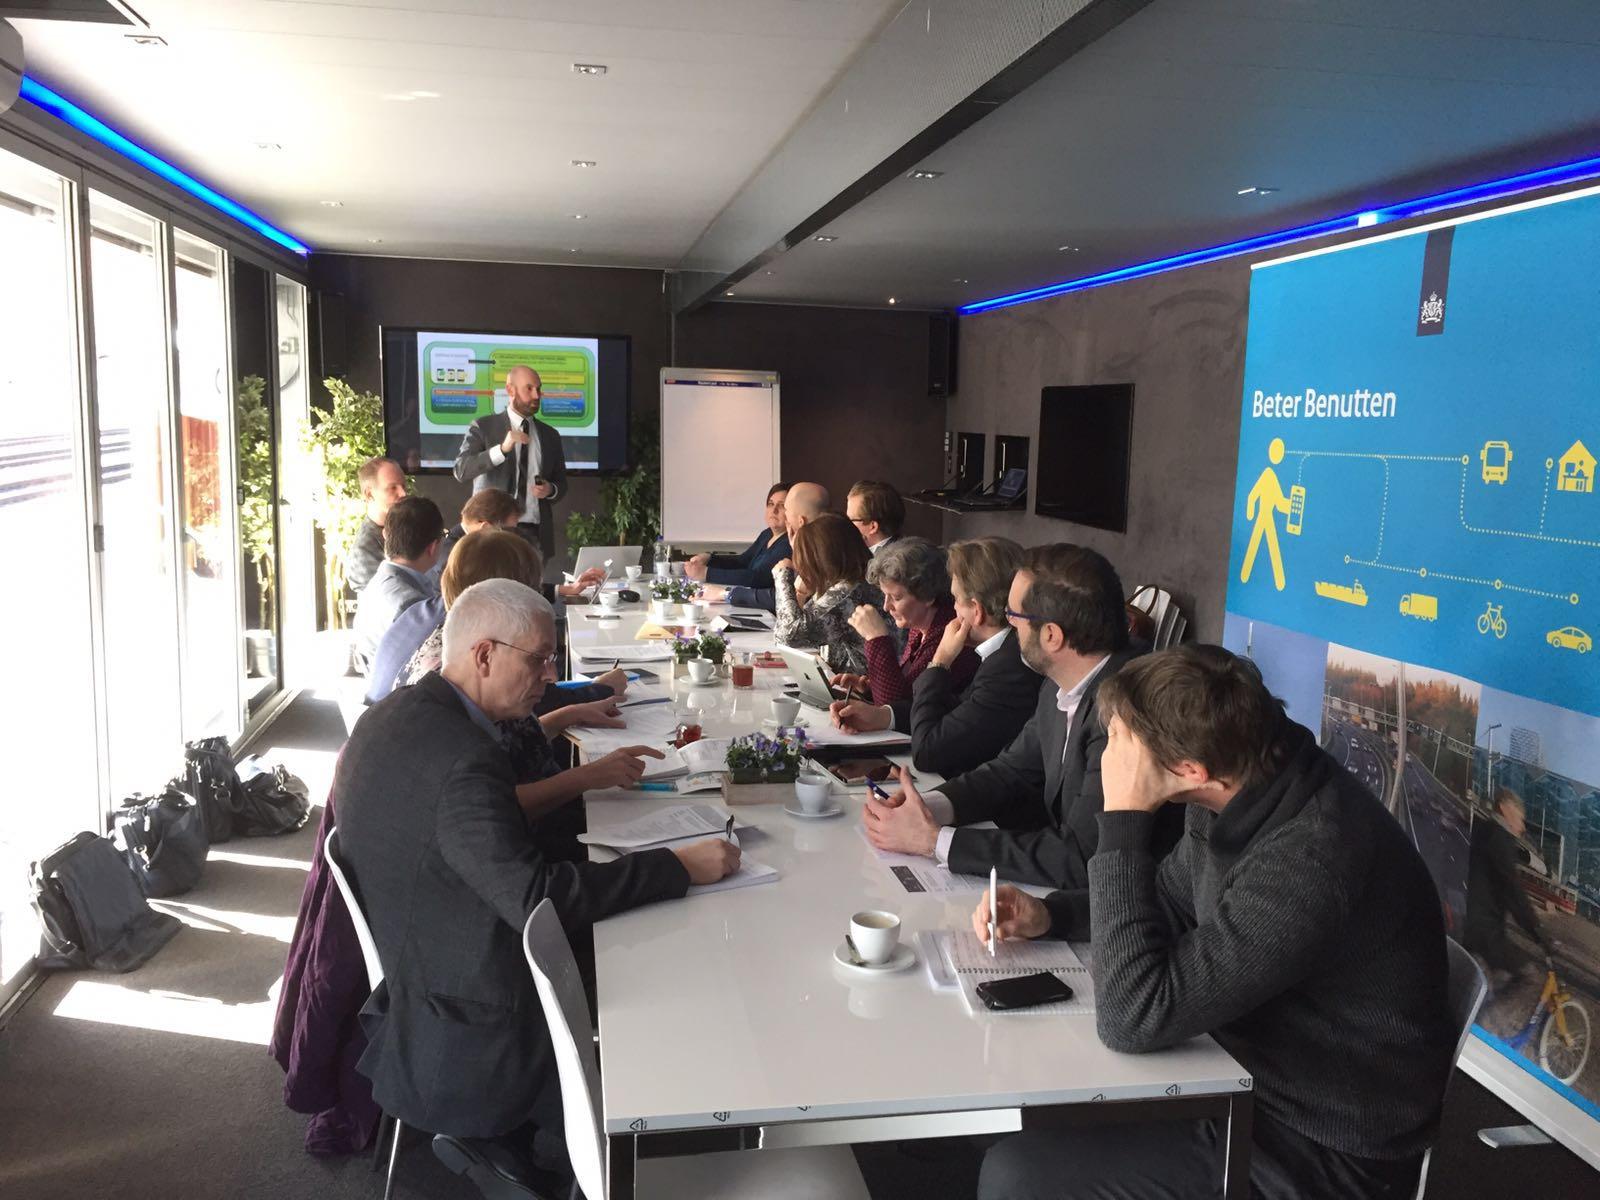 Meer vraag naar innovatieve vergaderlocaties